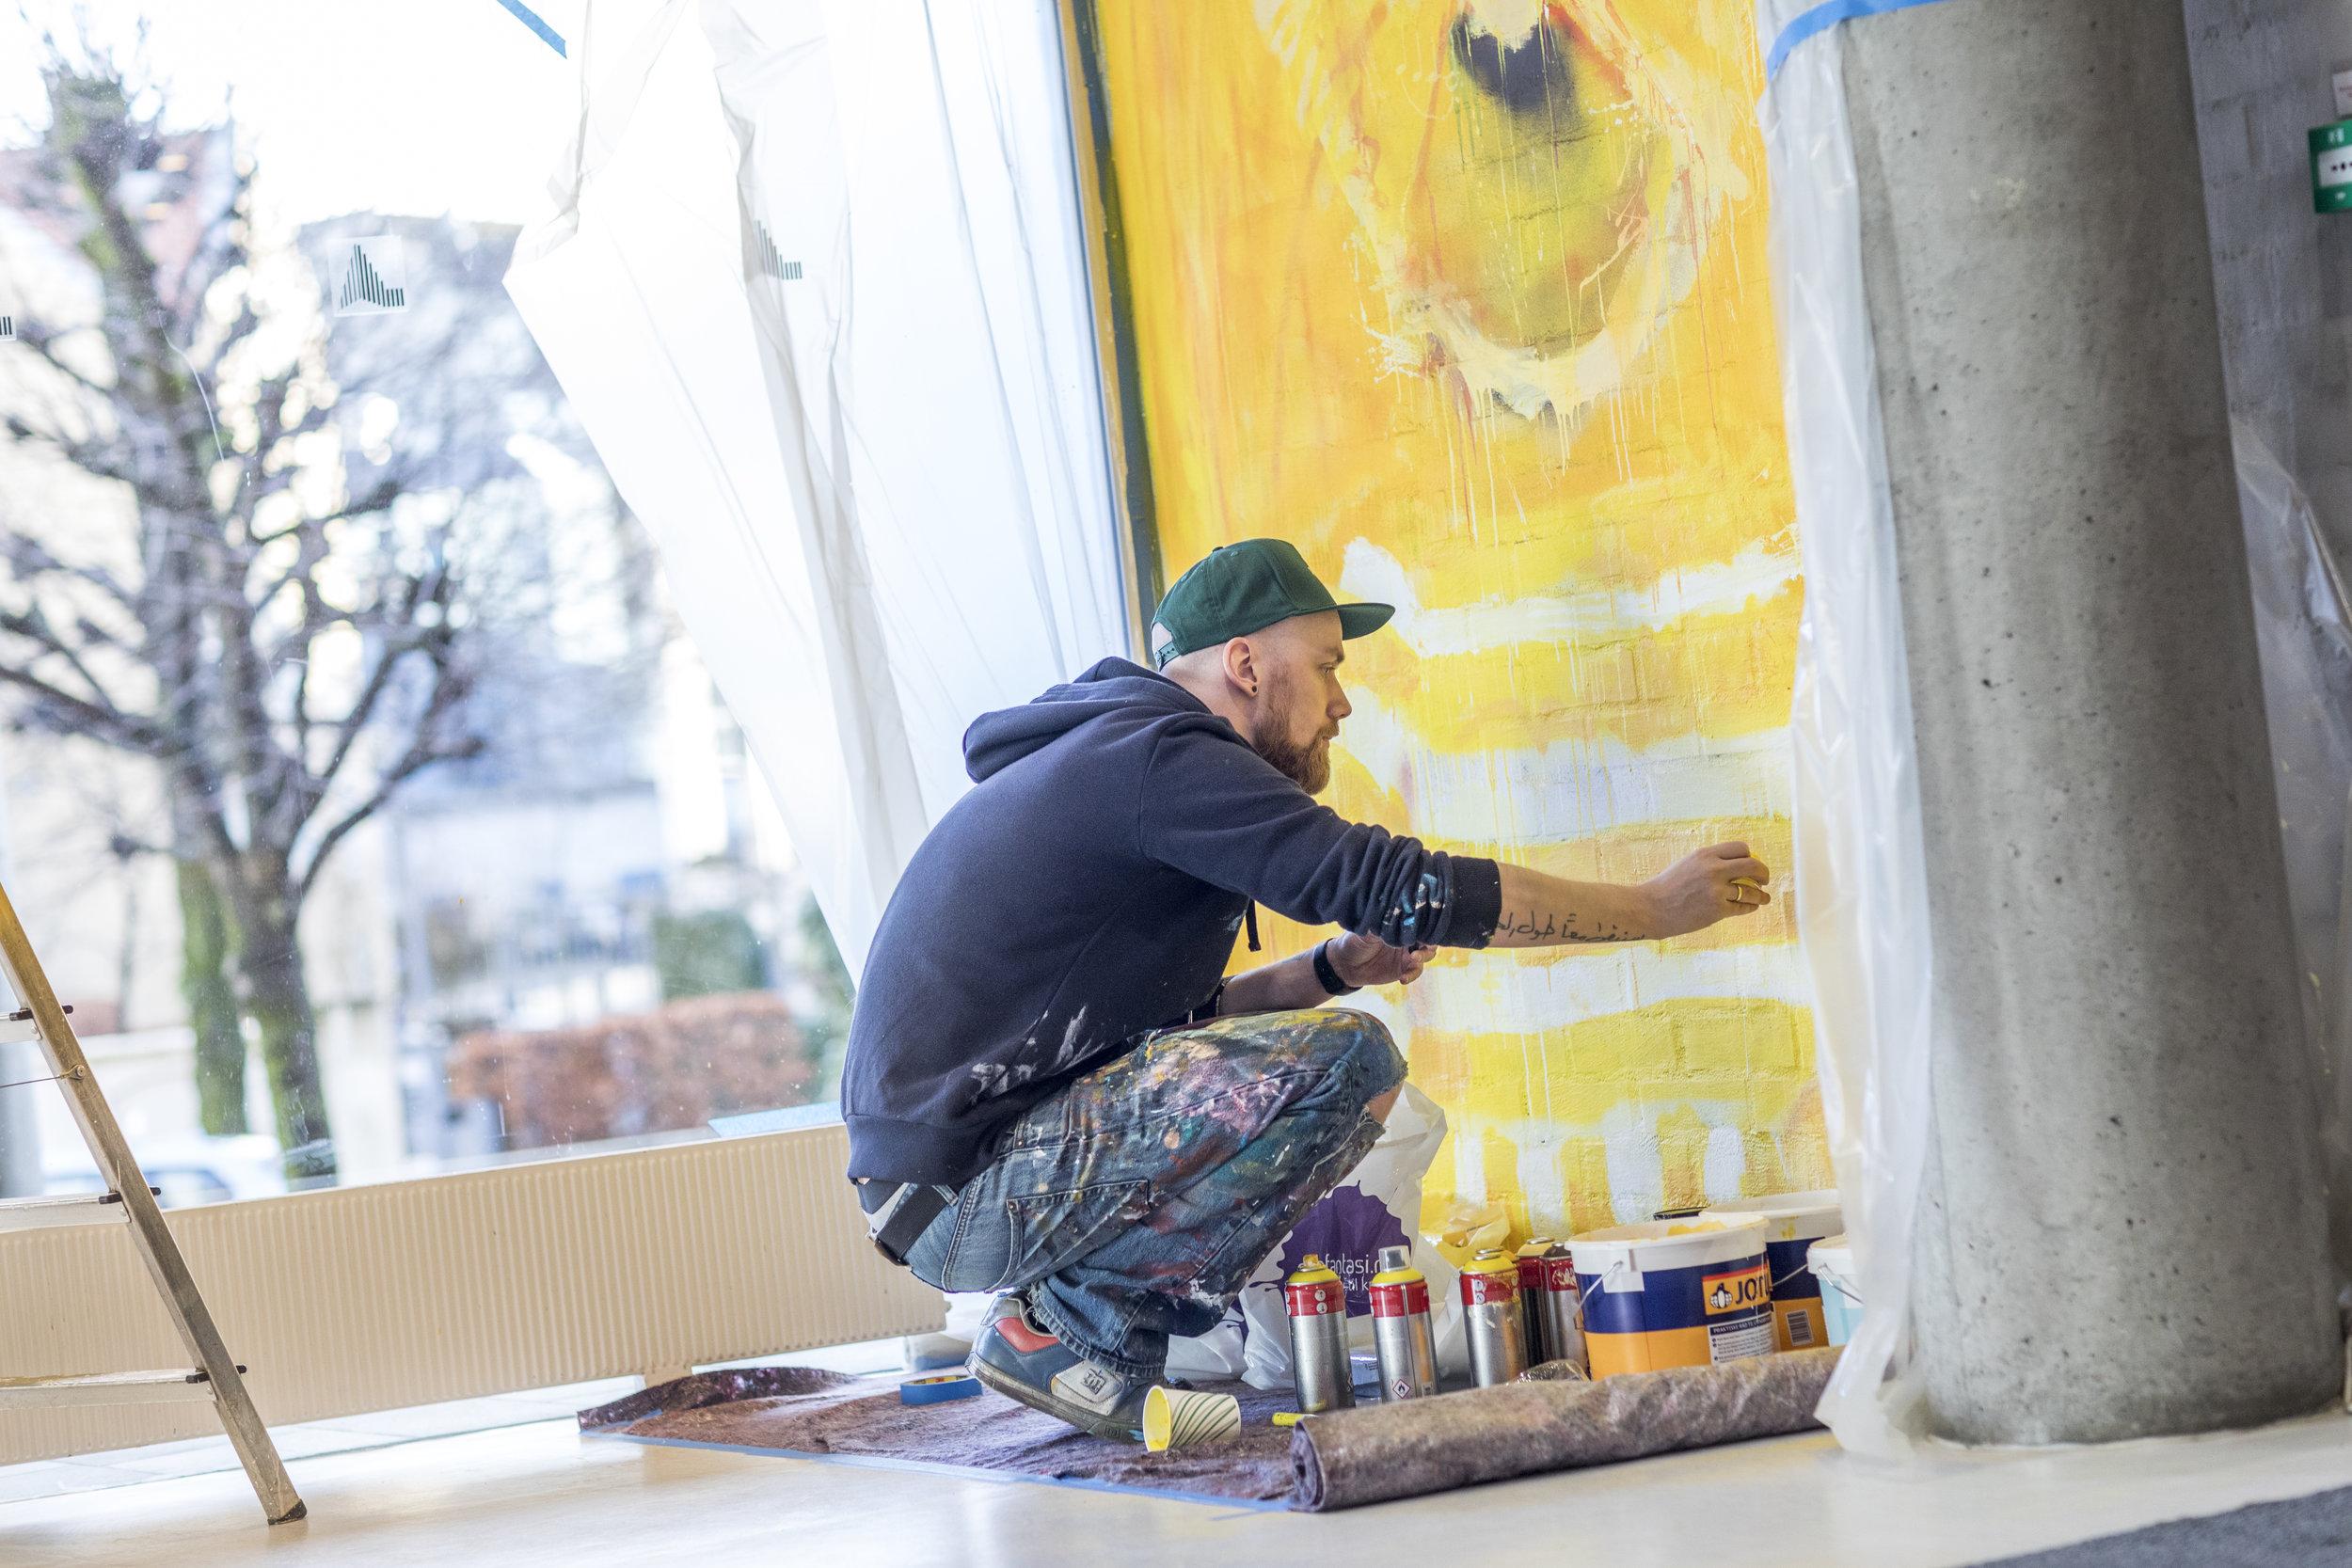 Jeg malte med rull, pensel, spray, fingrene, tusj og pipette.